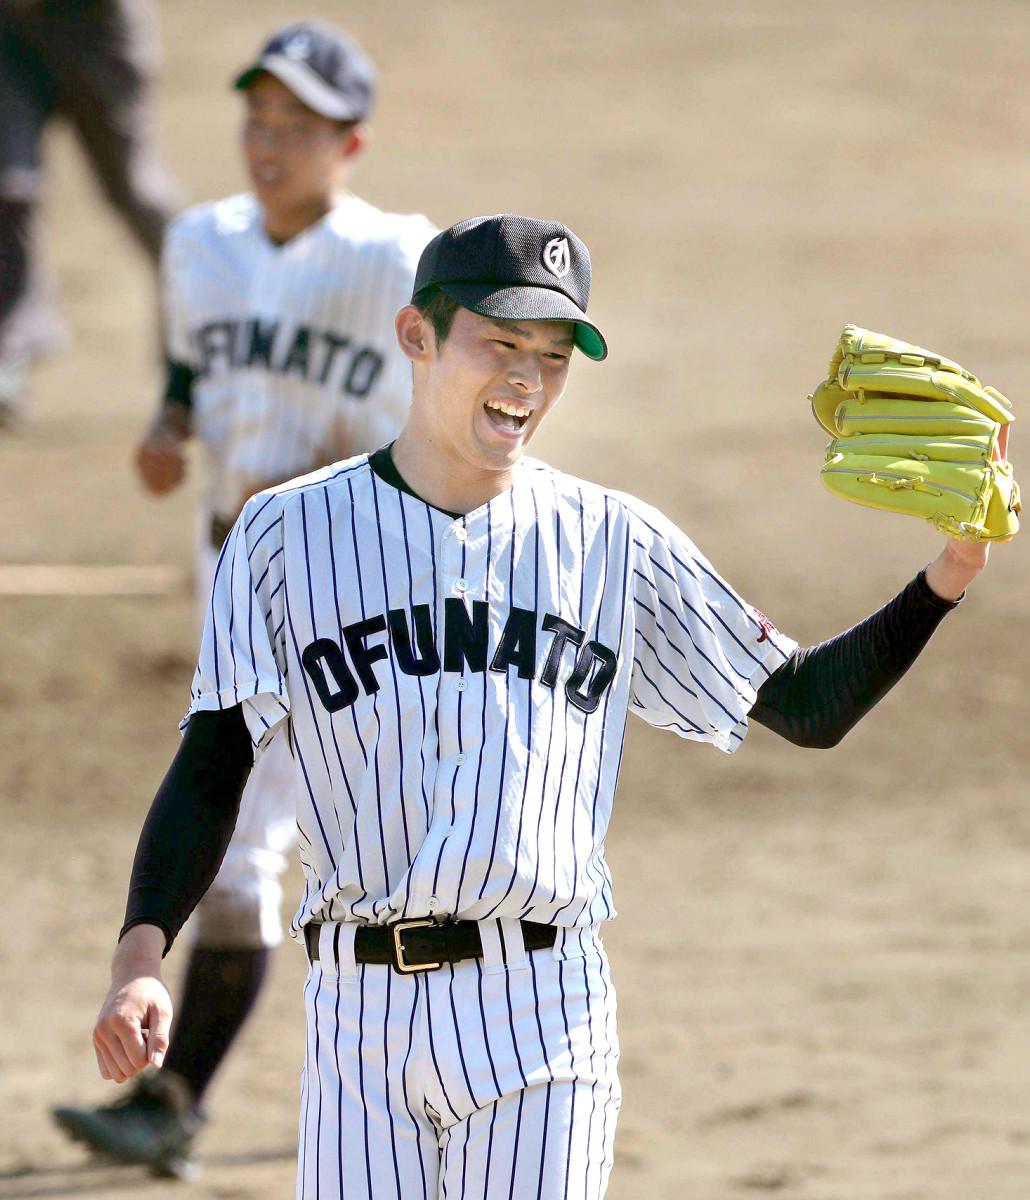 【ロッテ】ドラ1・佐々木朗希 高校野球岩手大会開催に「思う存分野球を楽しんでもらいたい」